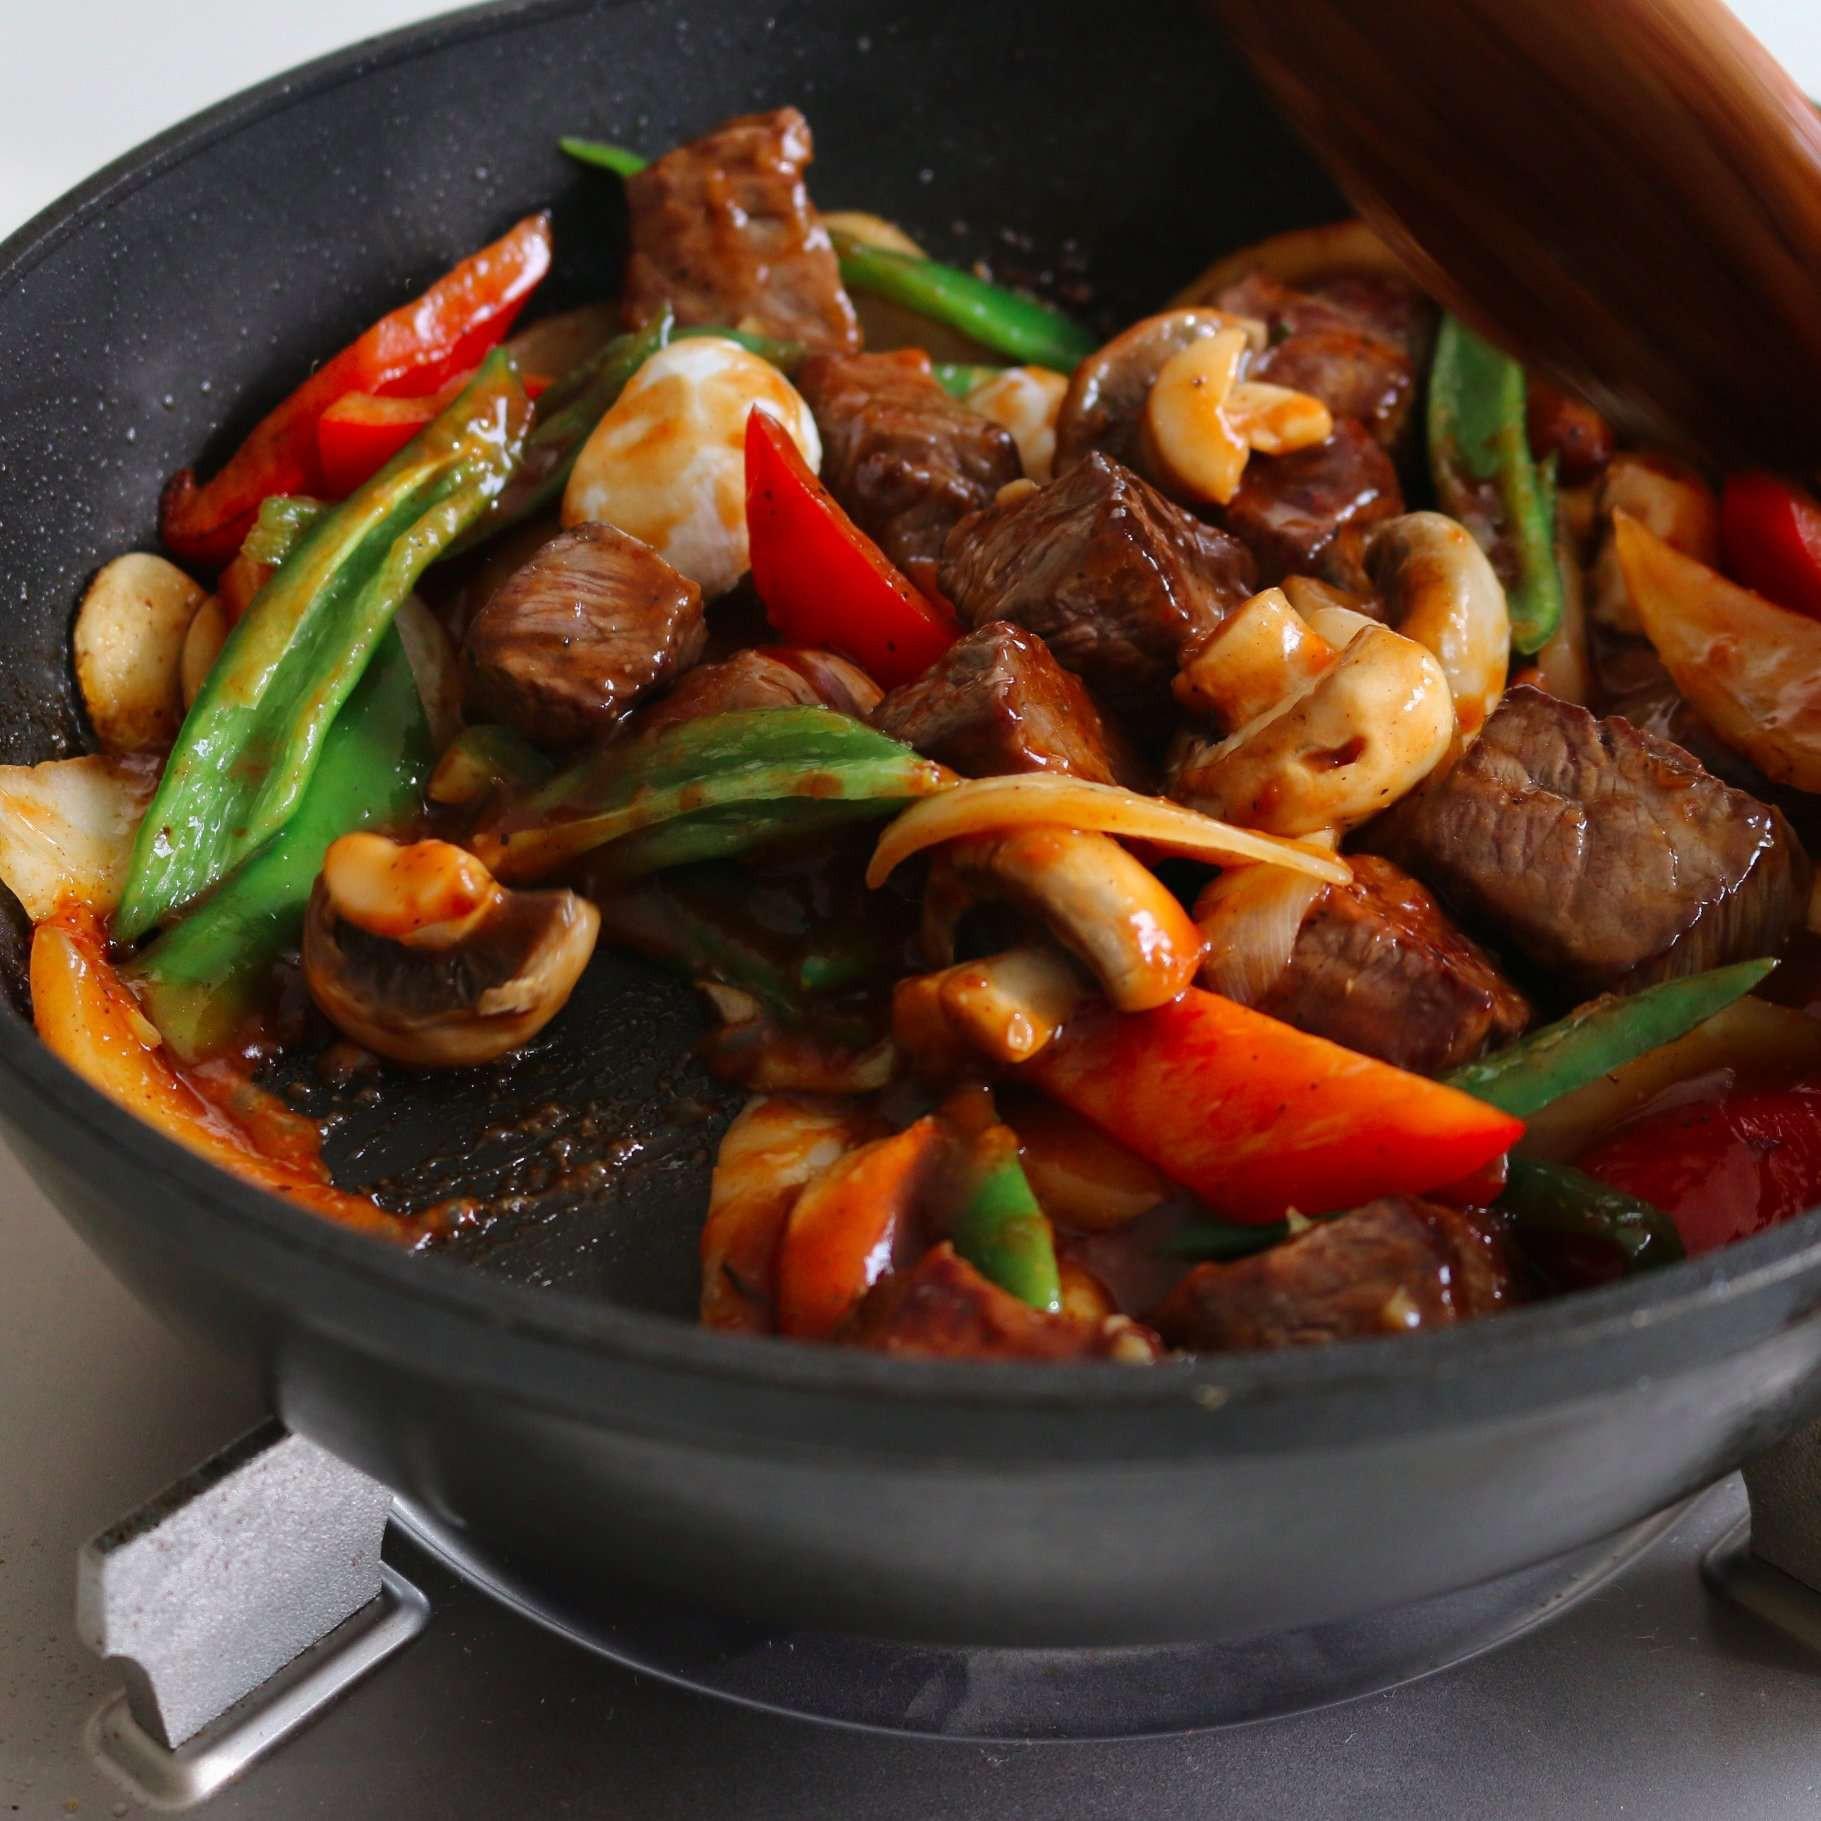 Để có món bò xào mềm ngon, bạn nhất định phải thử công thức này - Ảnh 5